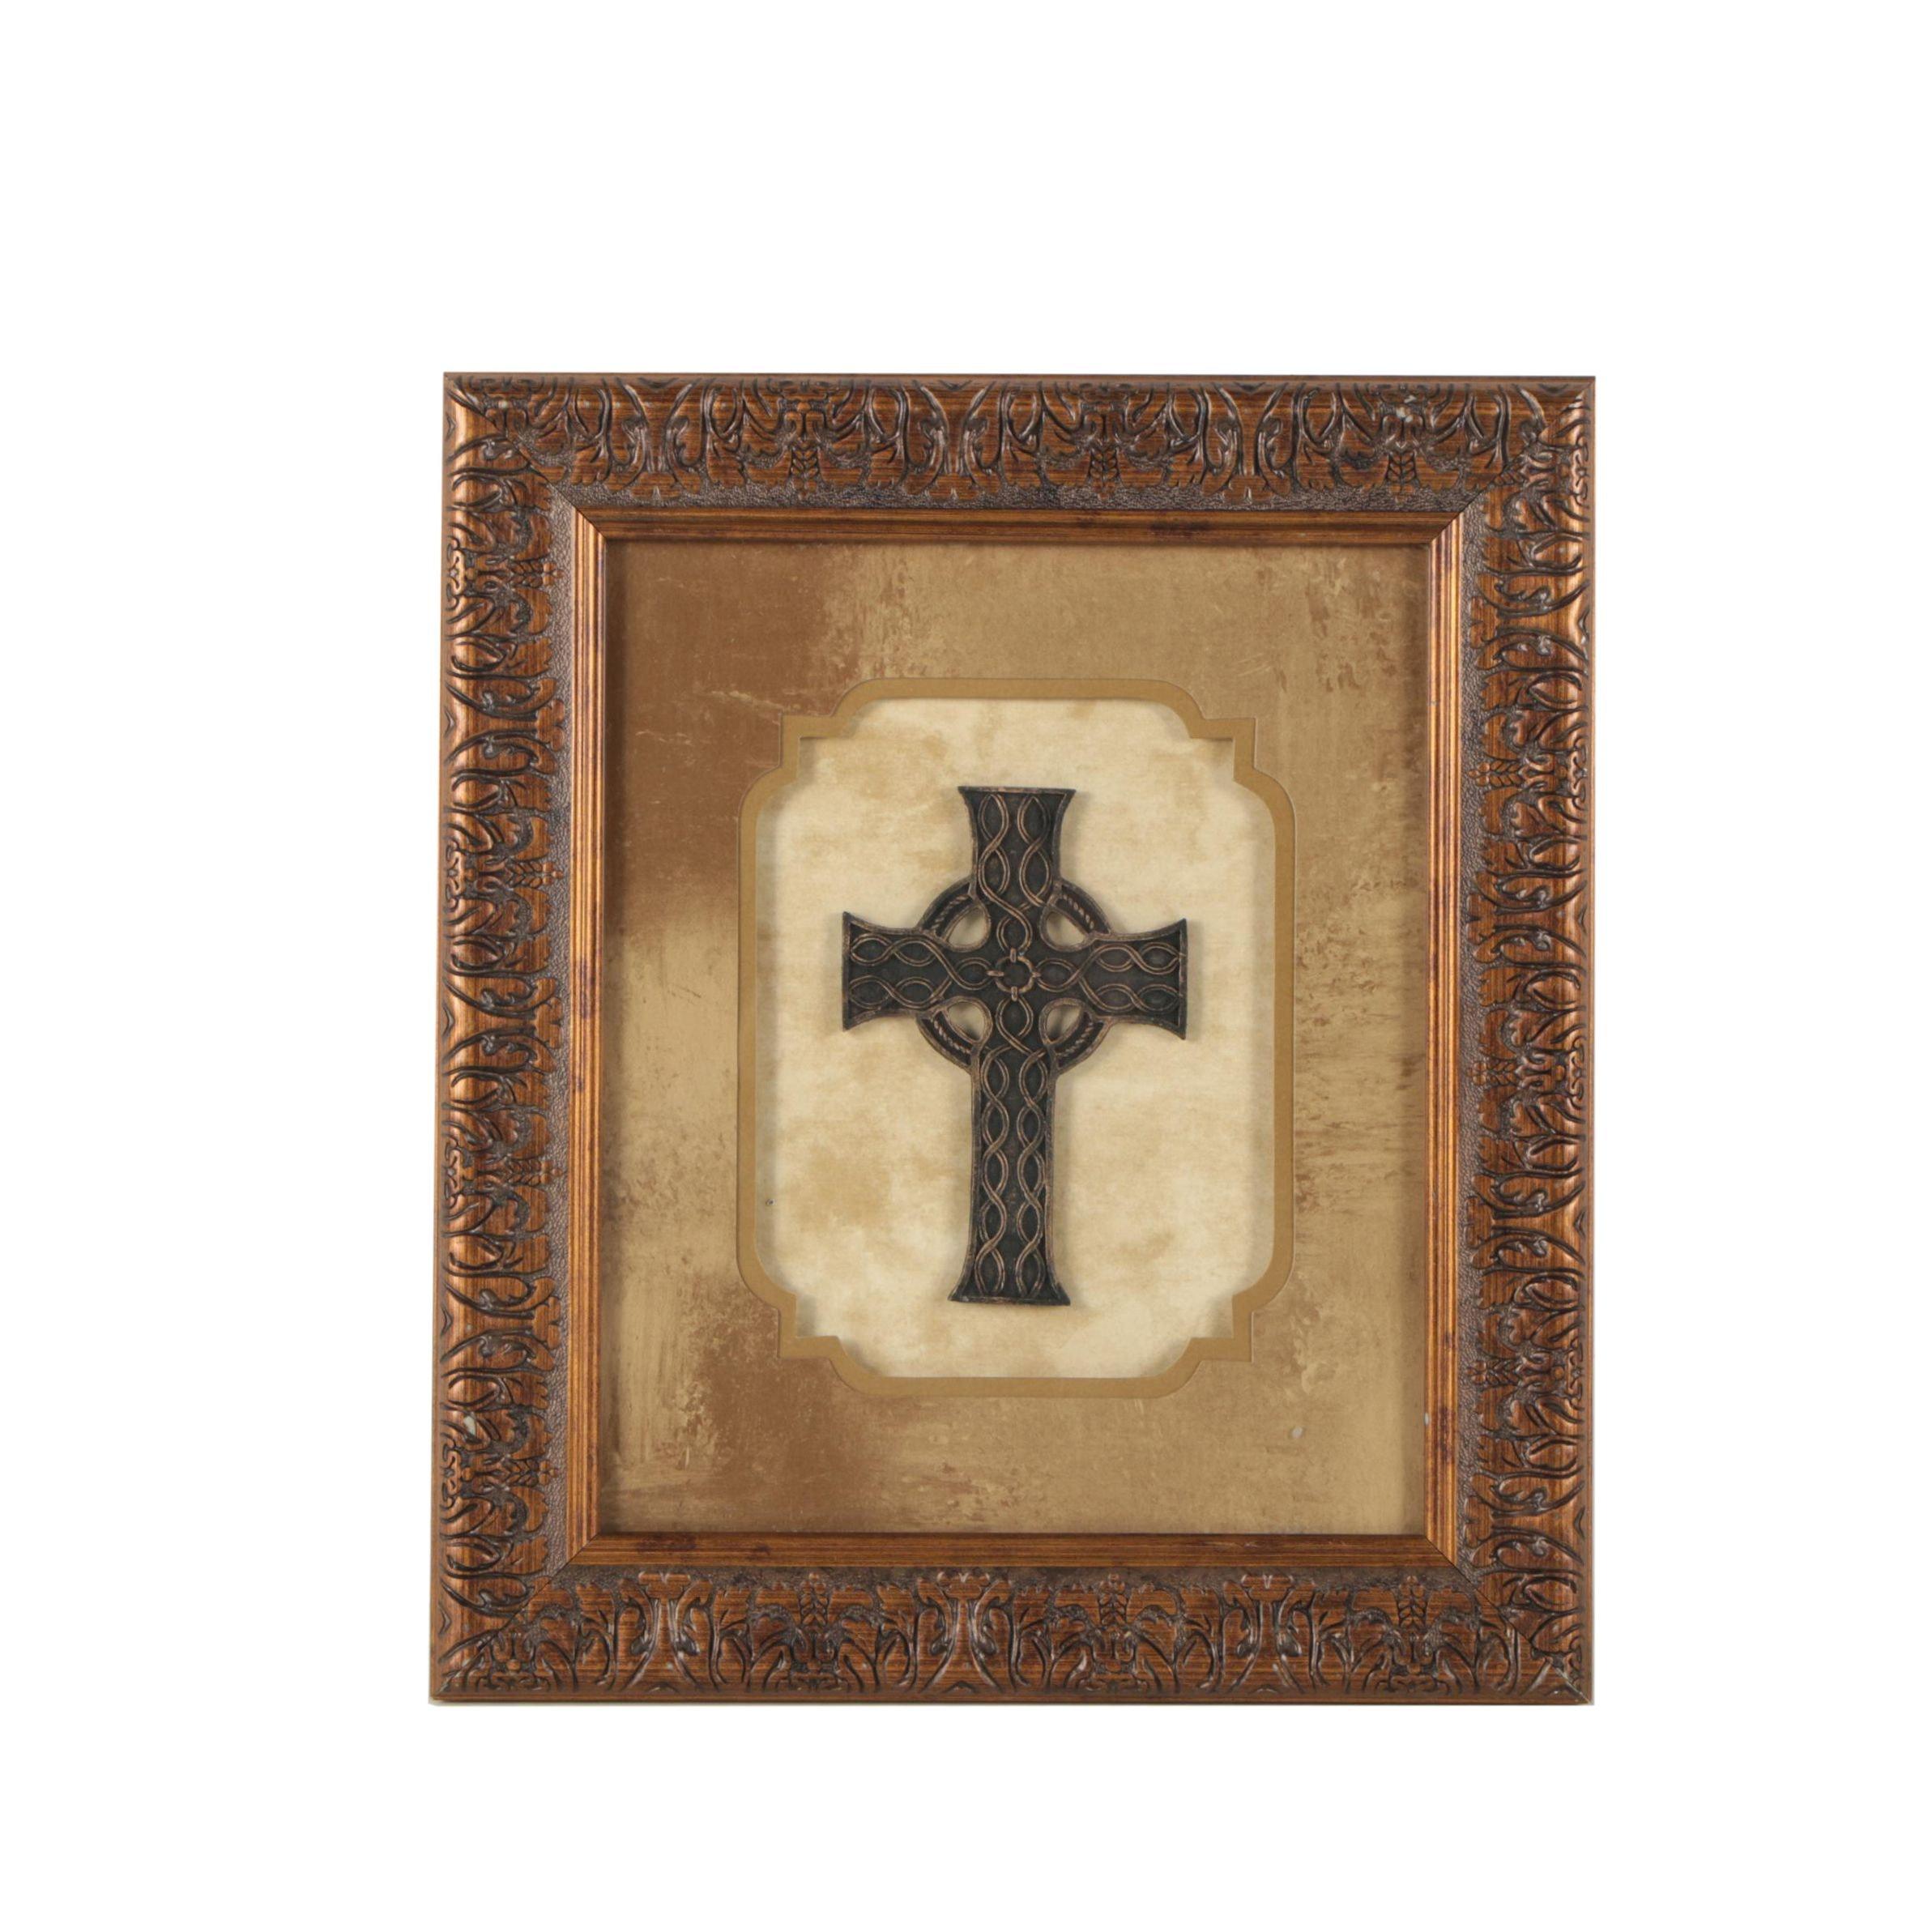 Framed Celtic Style Cross